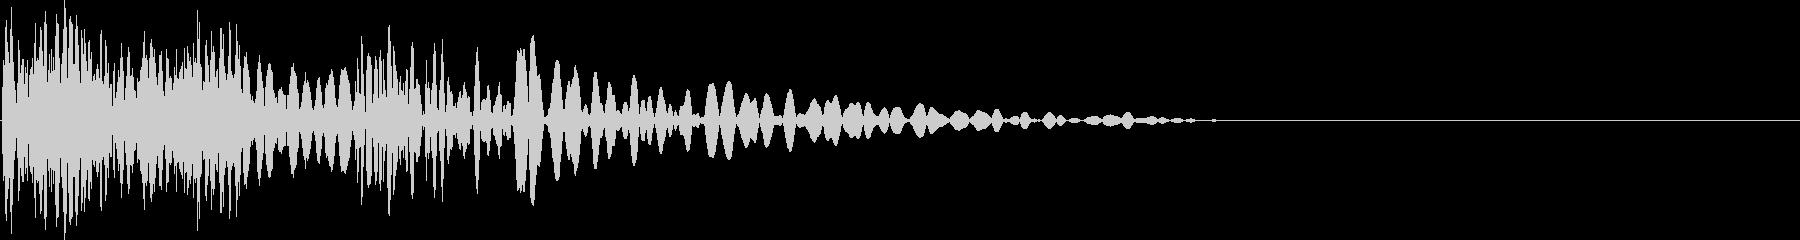 ピチドゥン(打撃・攻撃音)の未再生の波形